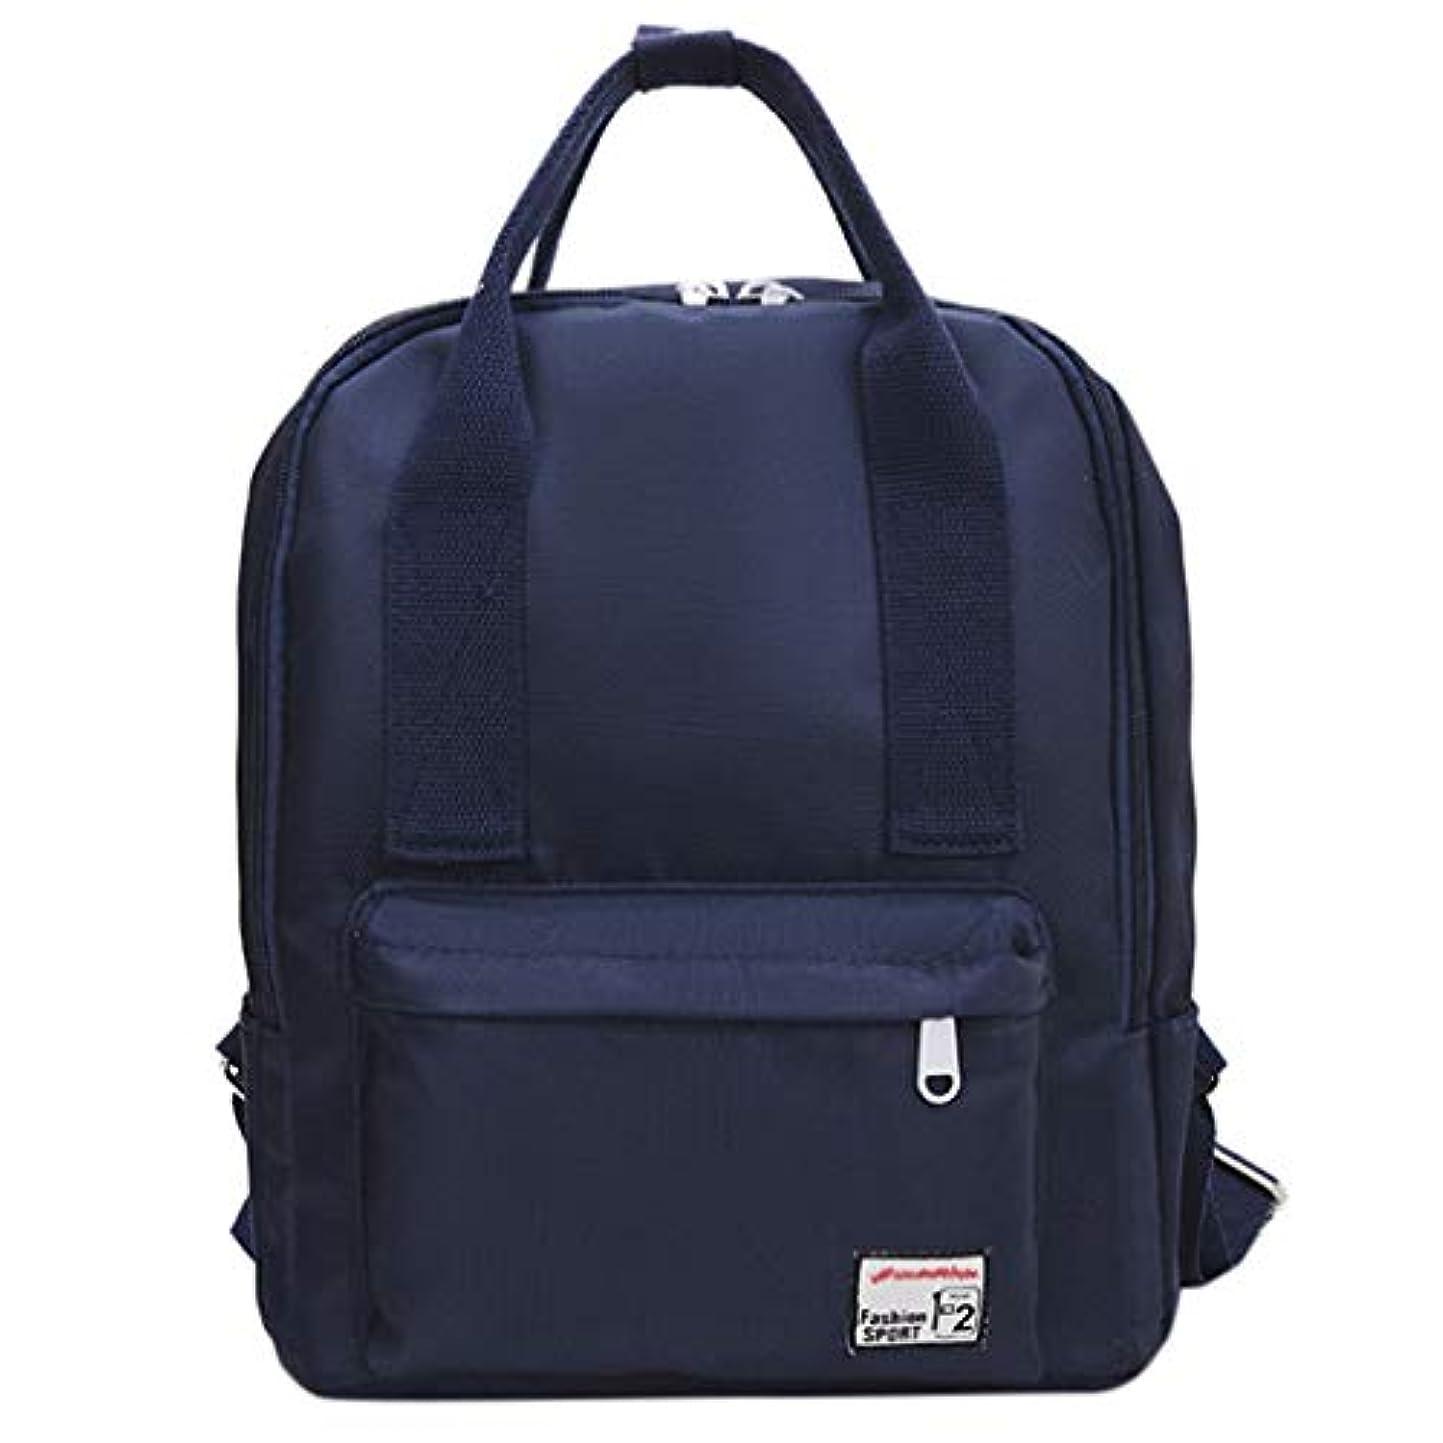 換気する検閲服女の子屋外かわいいシンプルなナイロンバックパック、学生襟カラーアートバッグ屋外軽量旅行ポータブル耐久性のあるバックパック